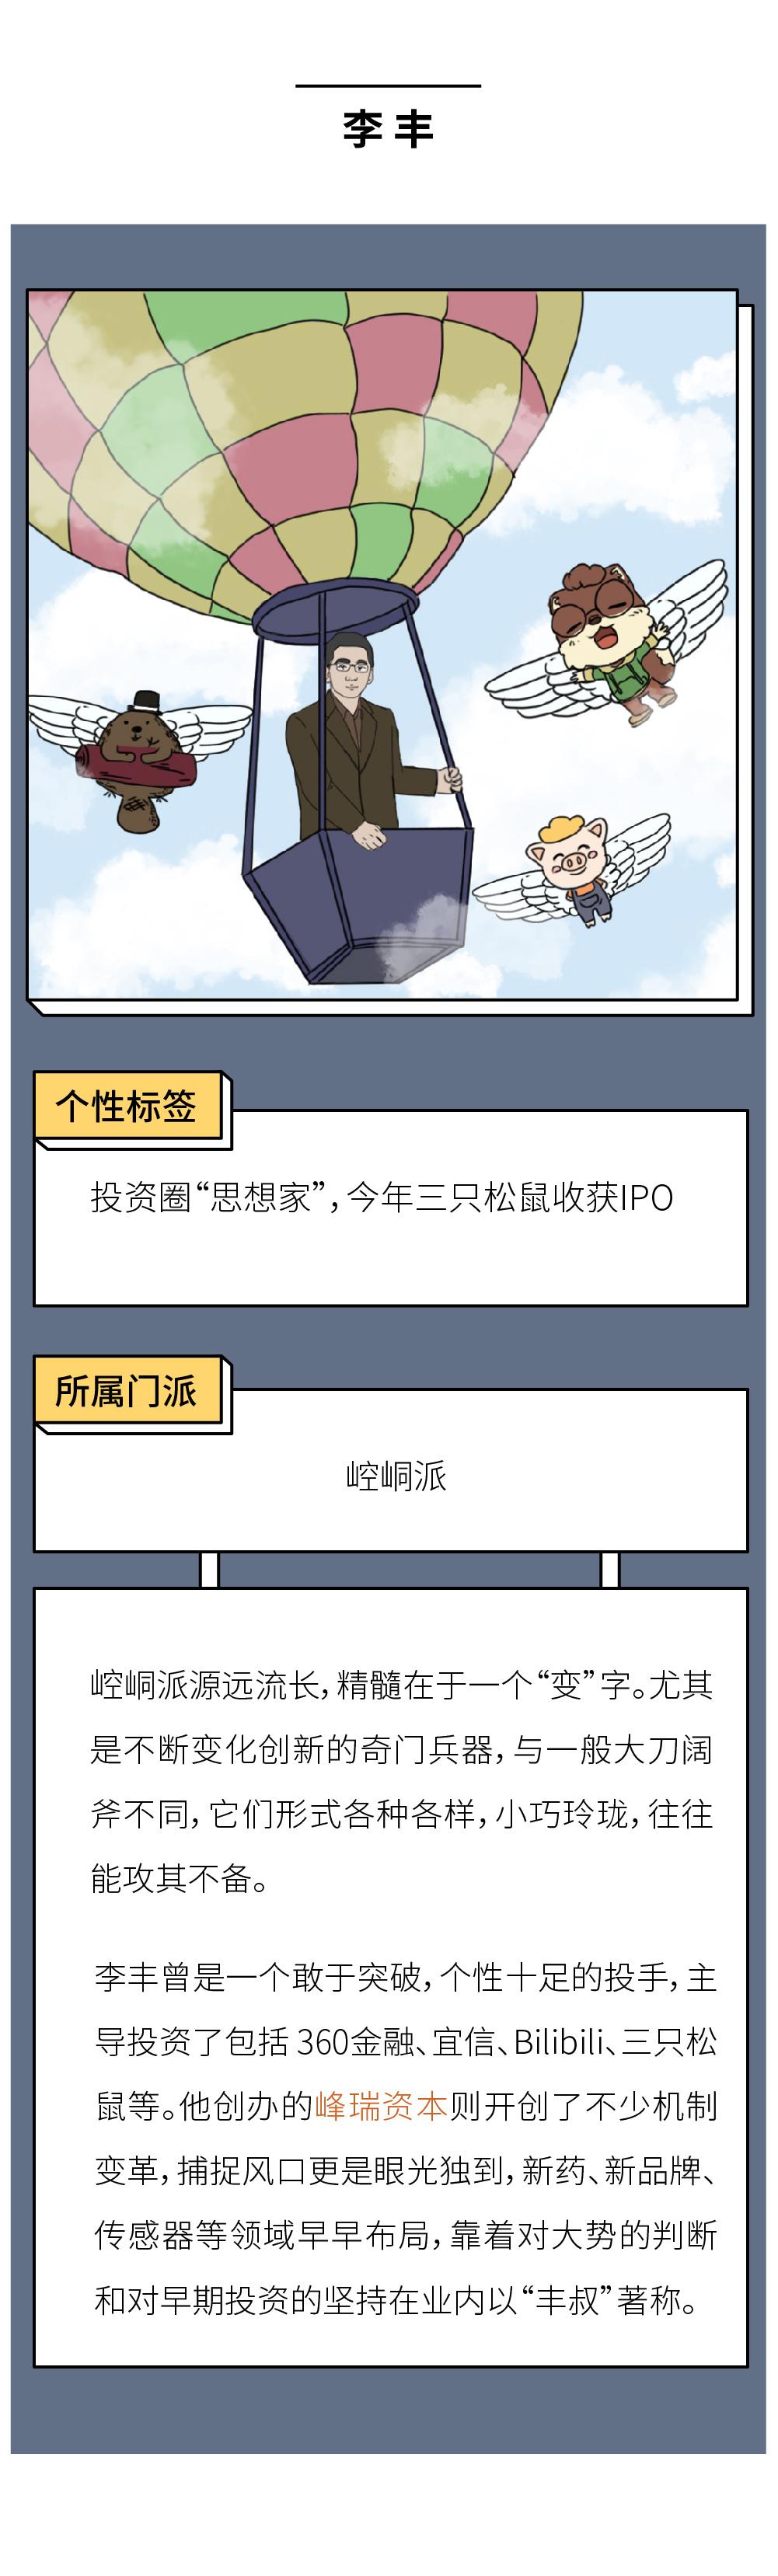 李峰.jpg